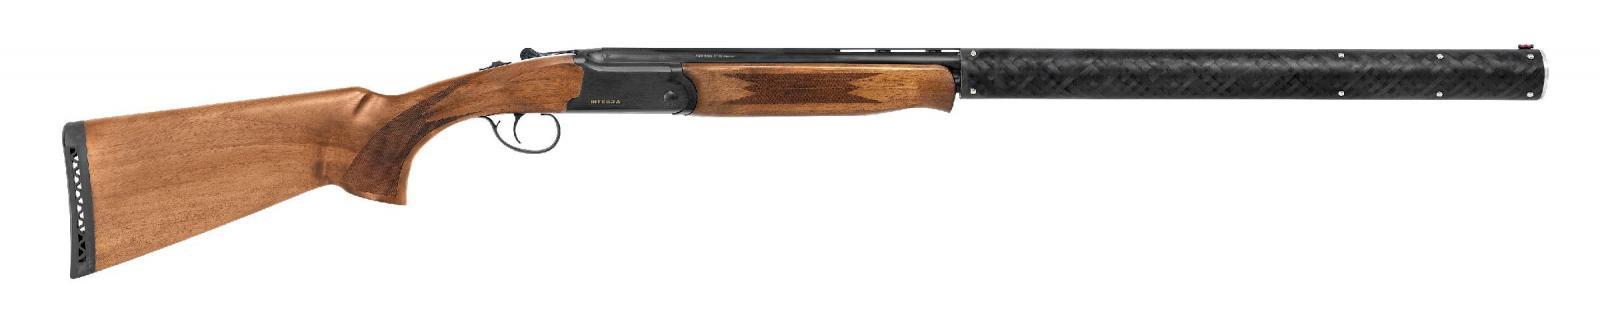 Fusil Superposé KAHN ARMS SPARTAN EXTRA LIGHT SILENCE Cal. 12/76